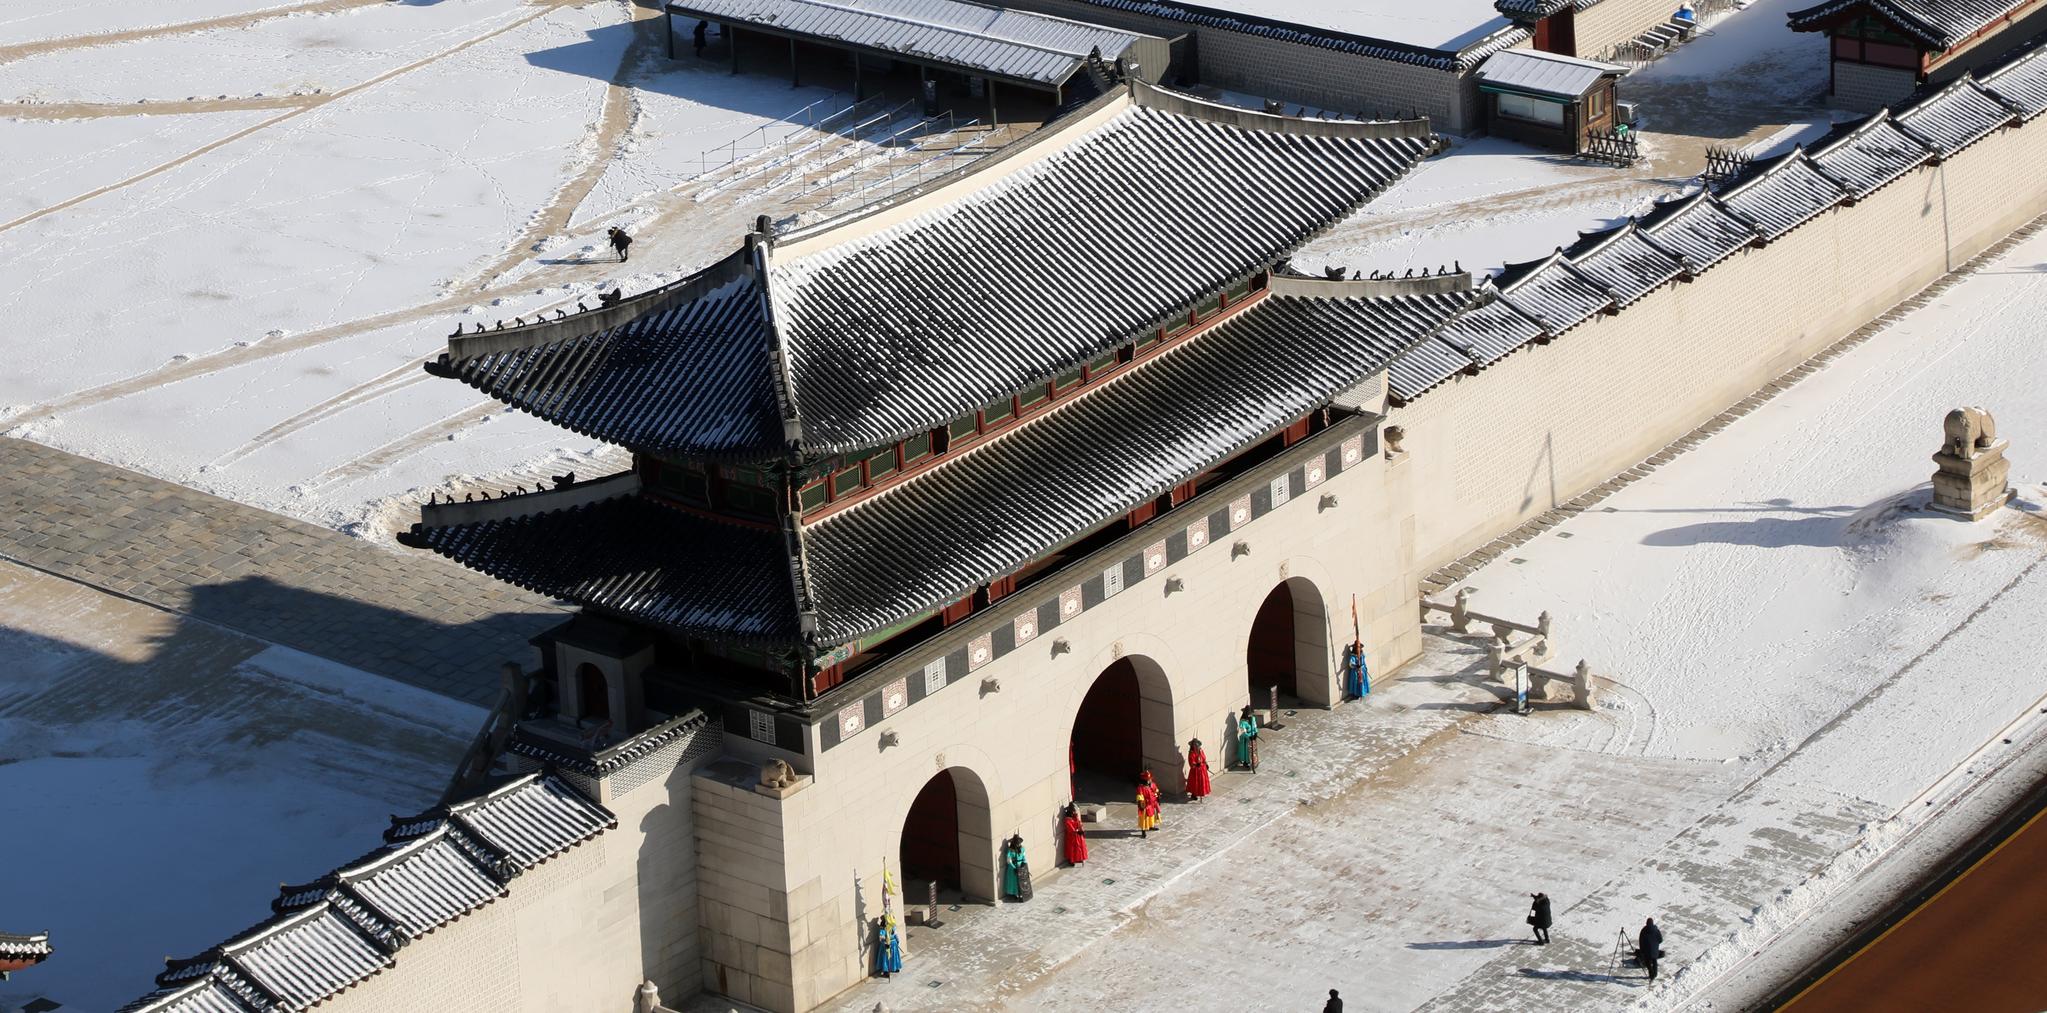 지난 7일 서울 광화문 일대에 전 날 내린 눈이 쌓여 있다. 뉴스1